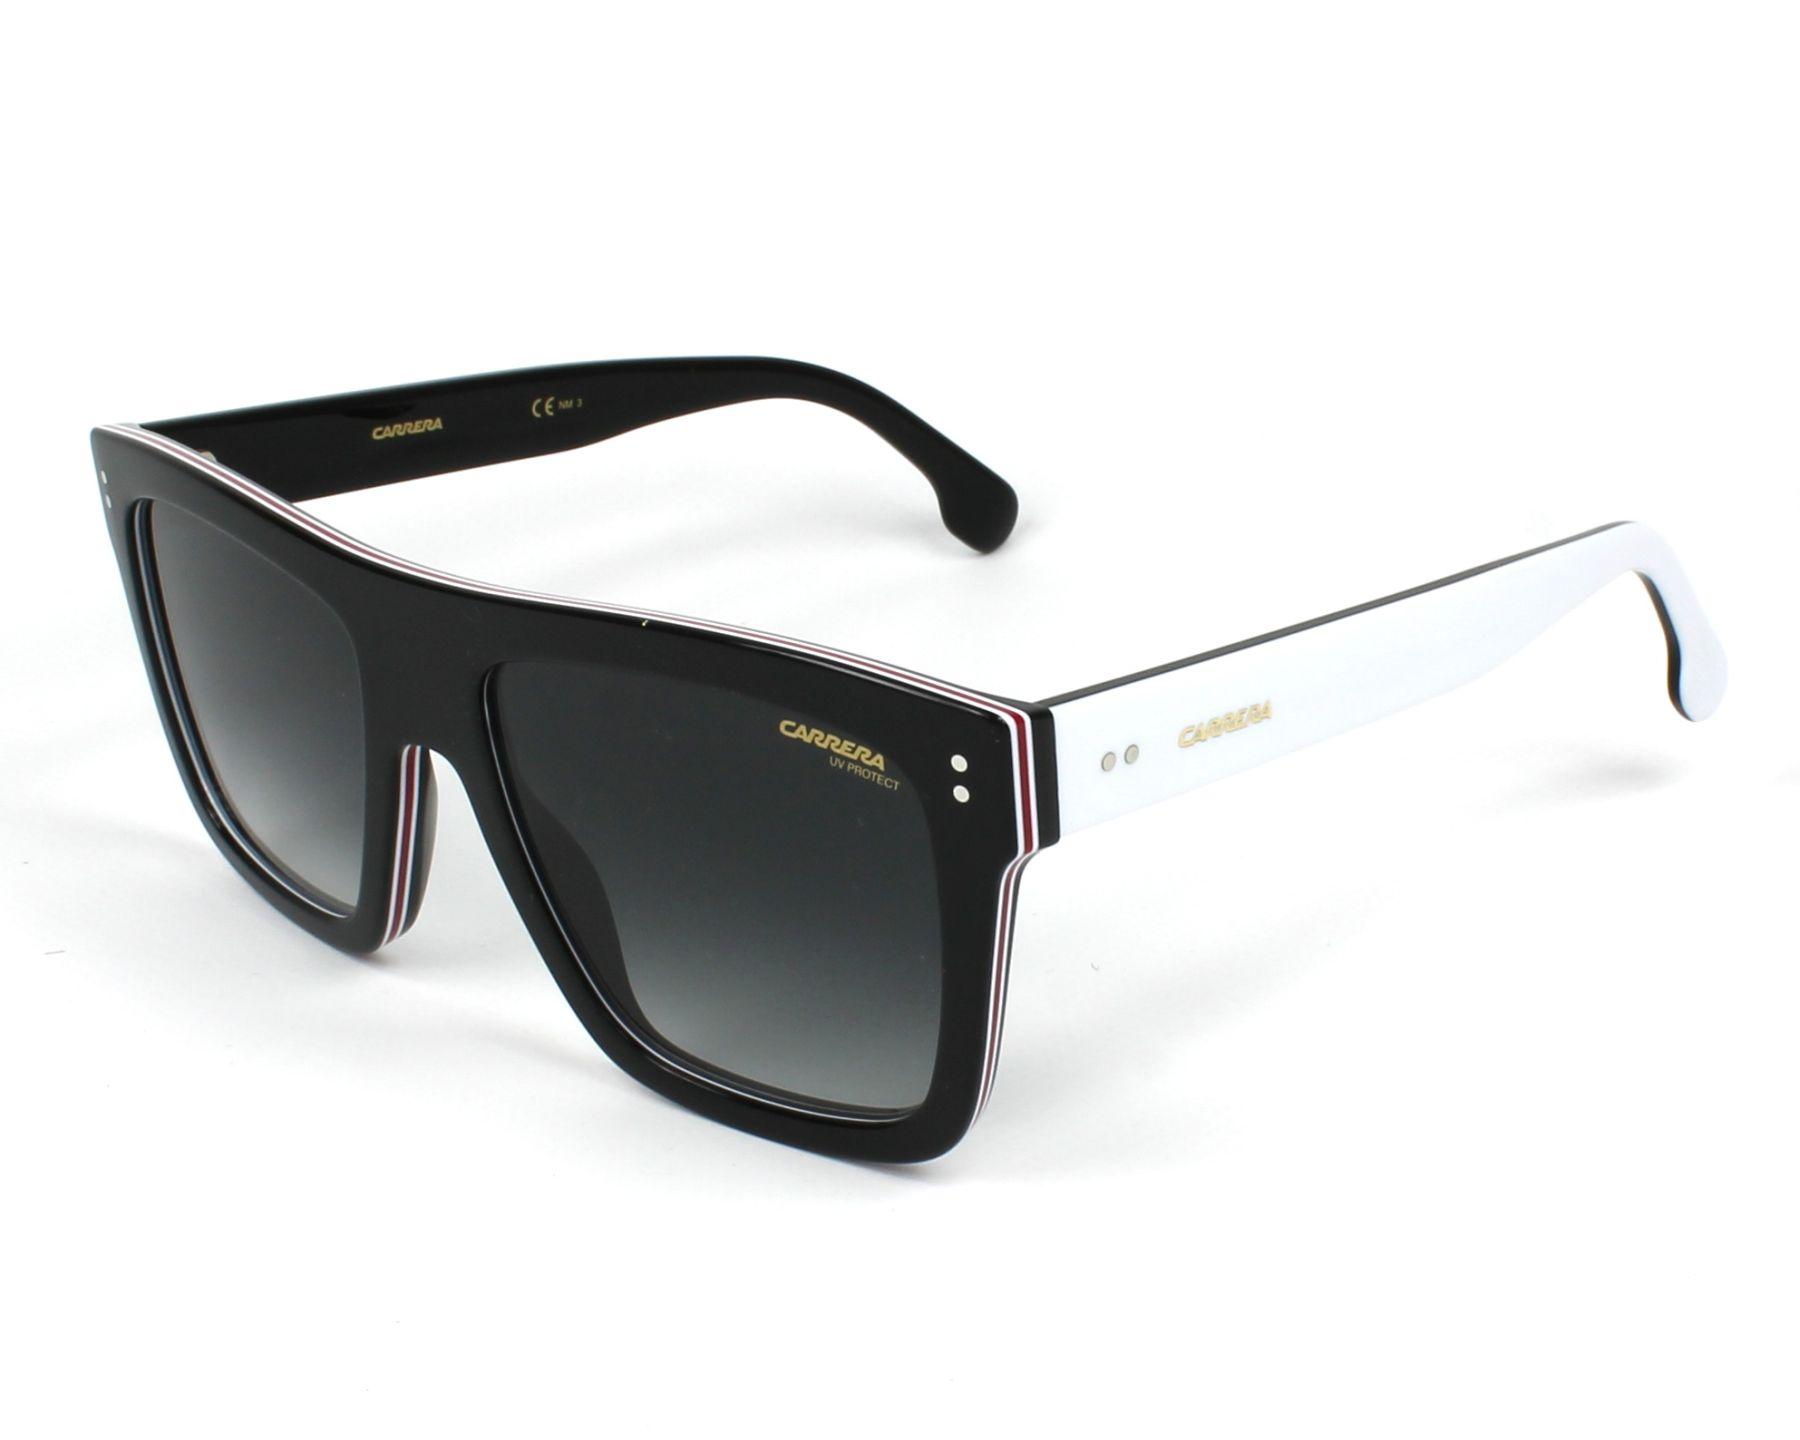 de7f7810459 Sunglasses Carrera 1010-S 807 9O 55-18 Black White profile view